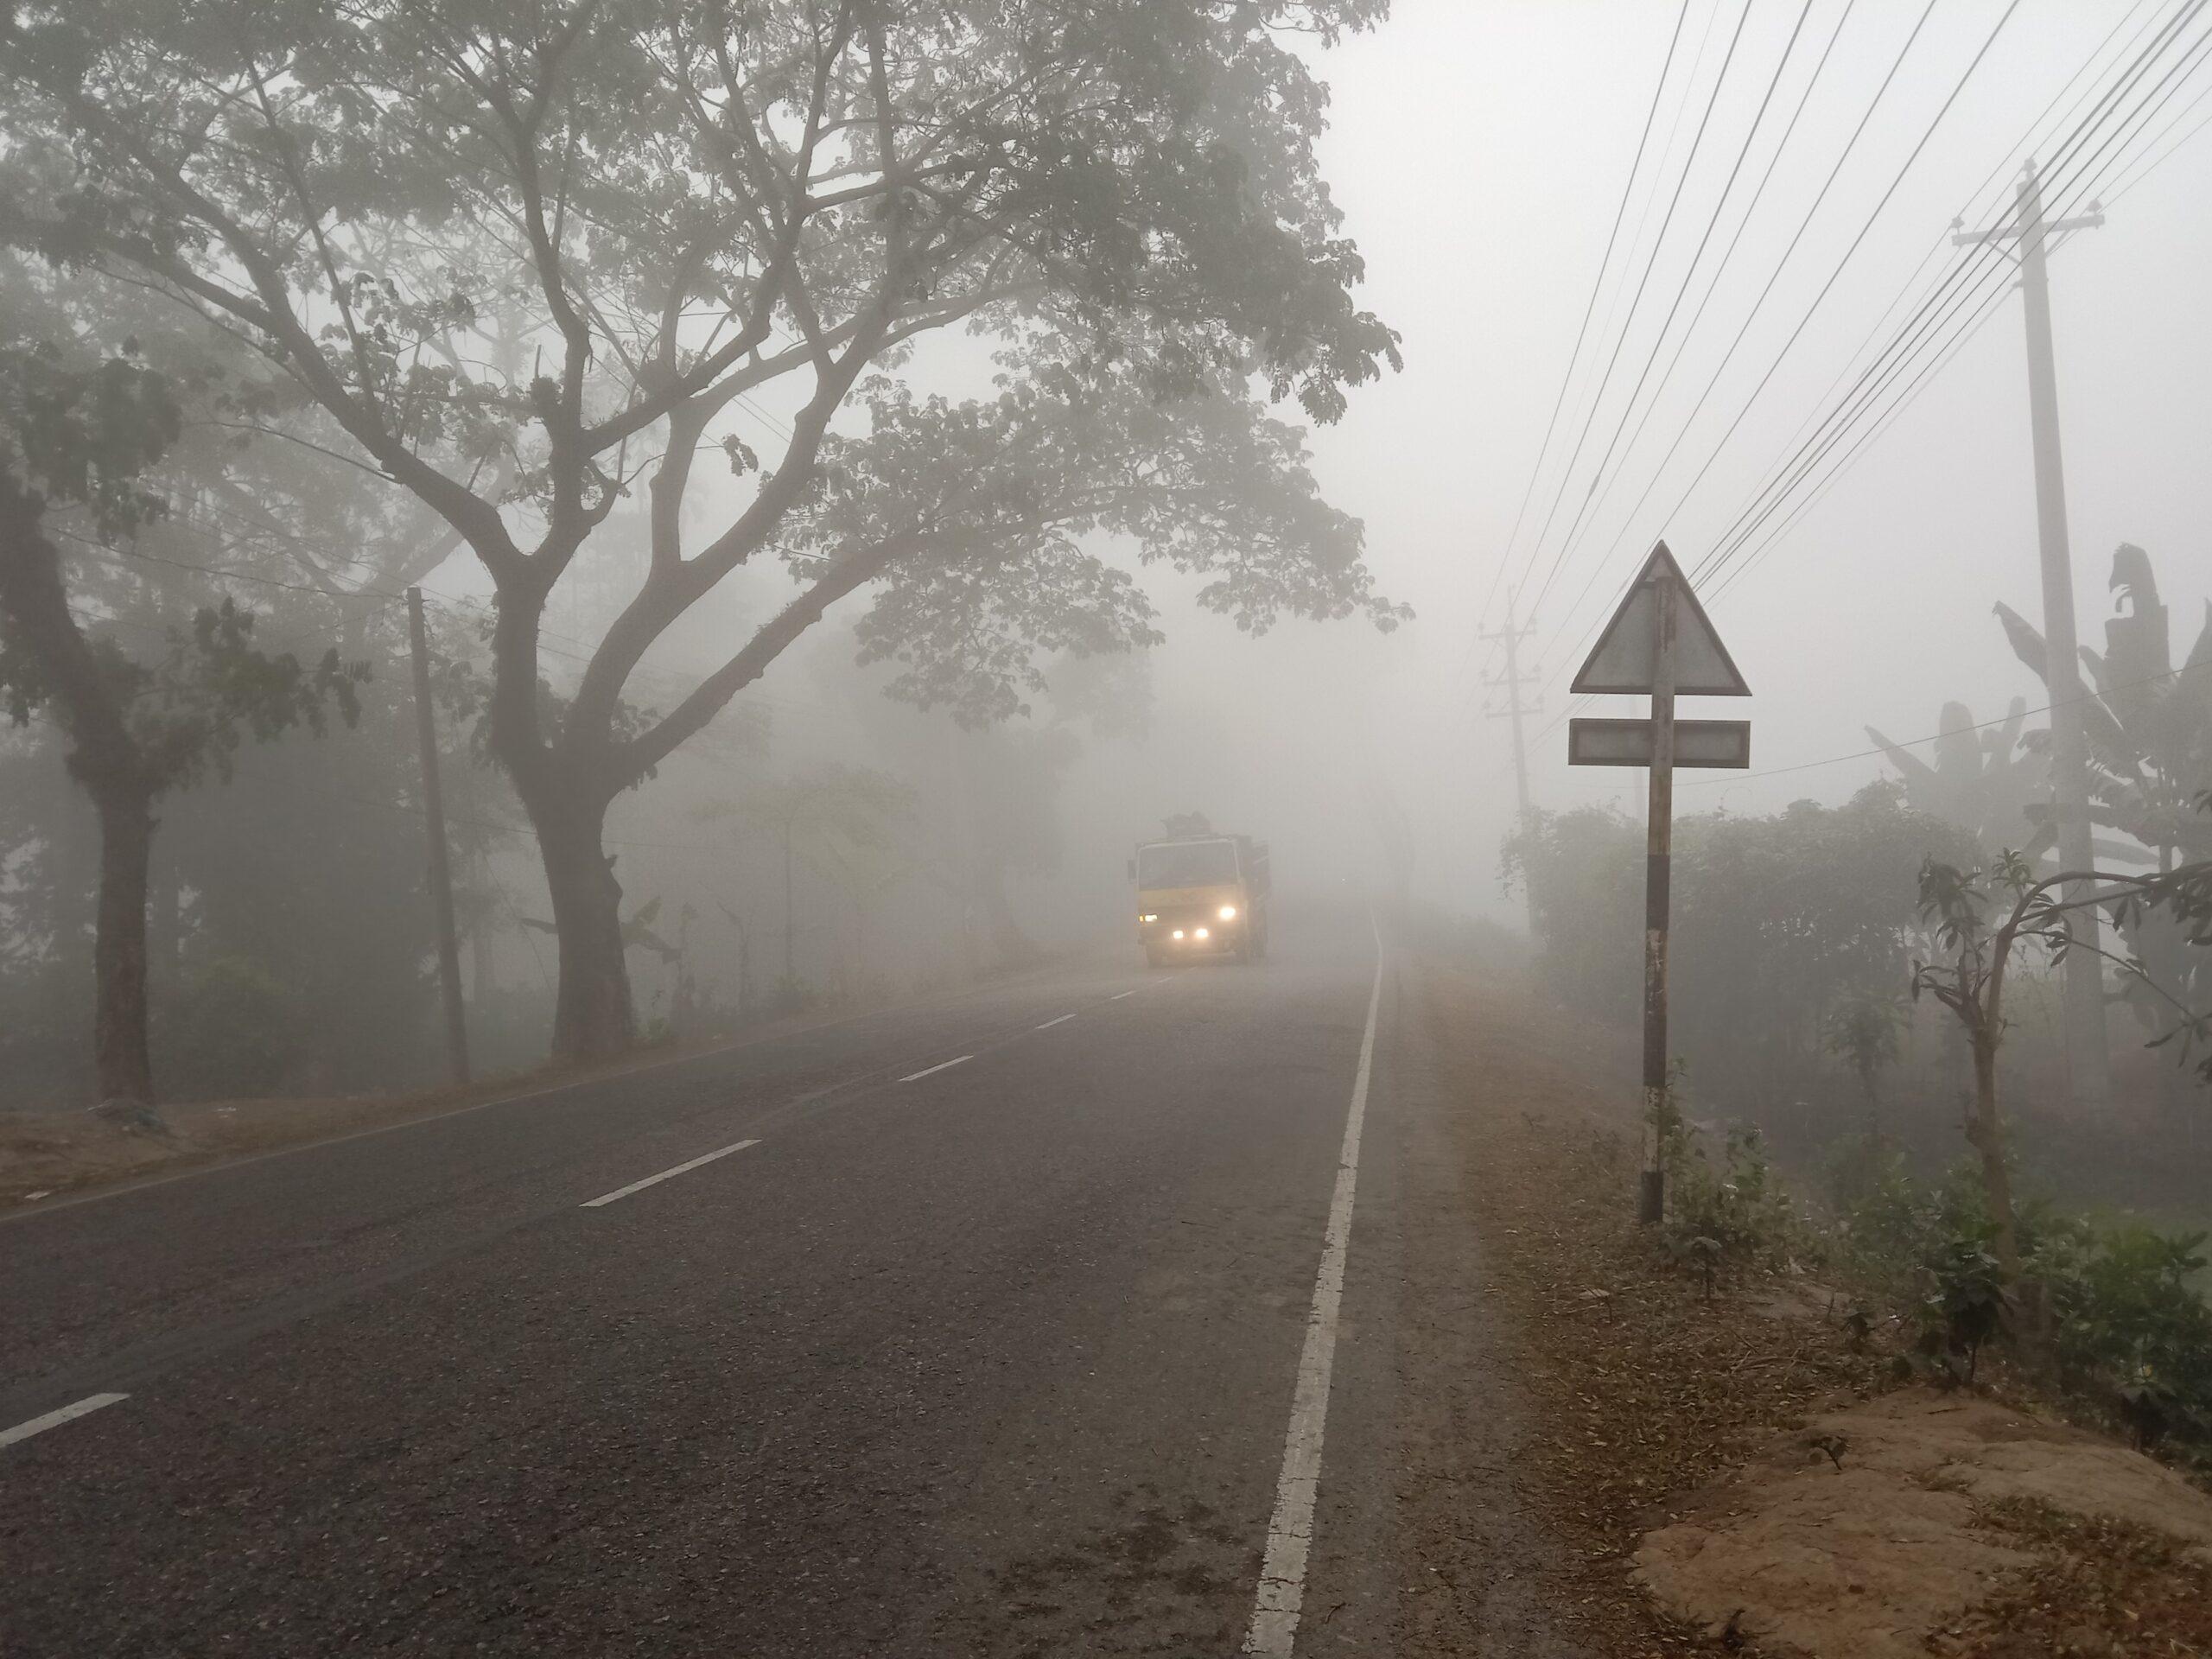 মৌলভীবাজার জেলা জুড়ে ঘন কুয়াশার দাপট